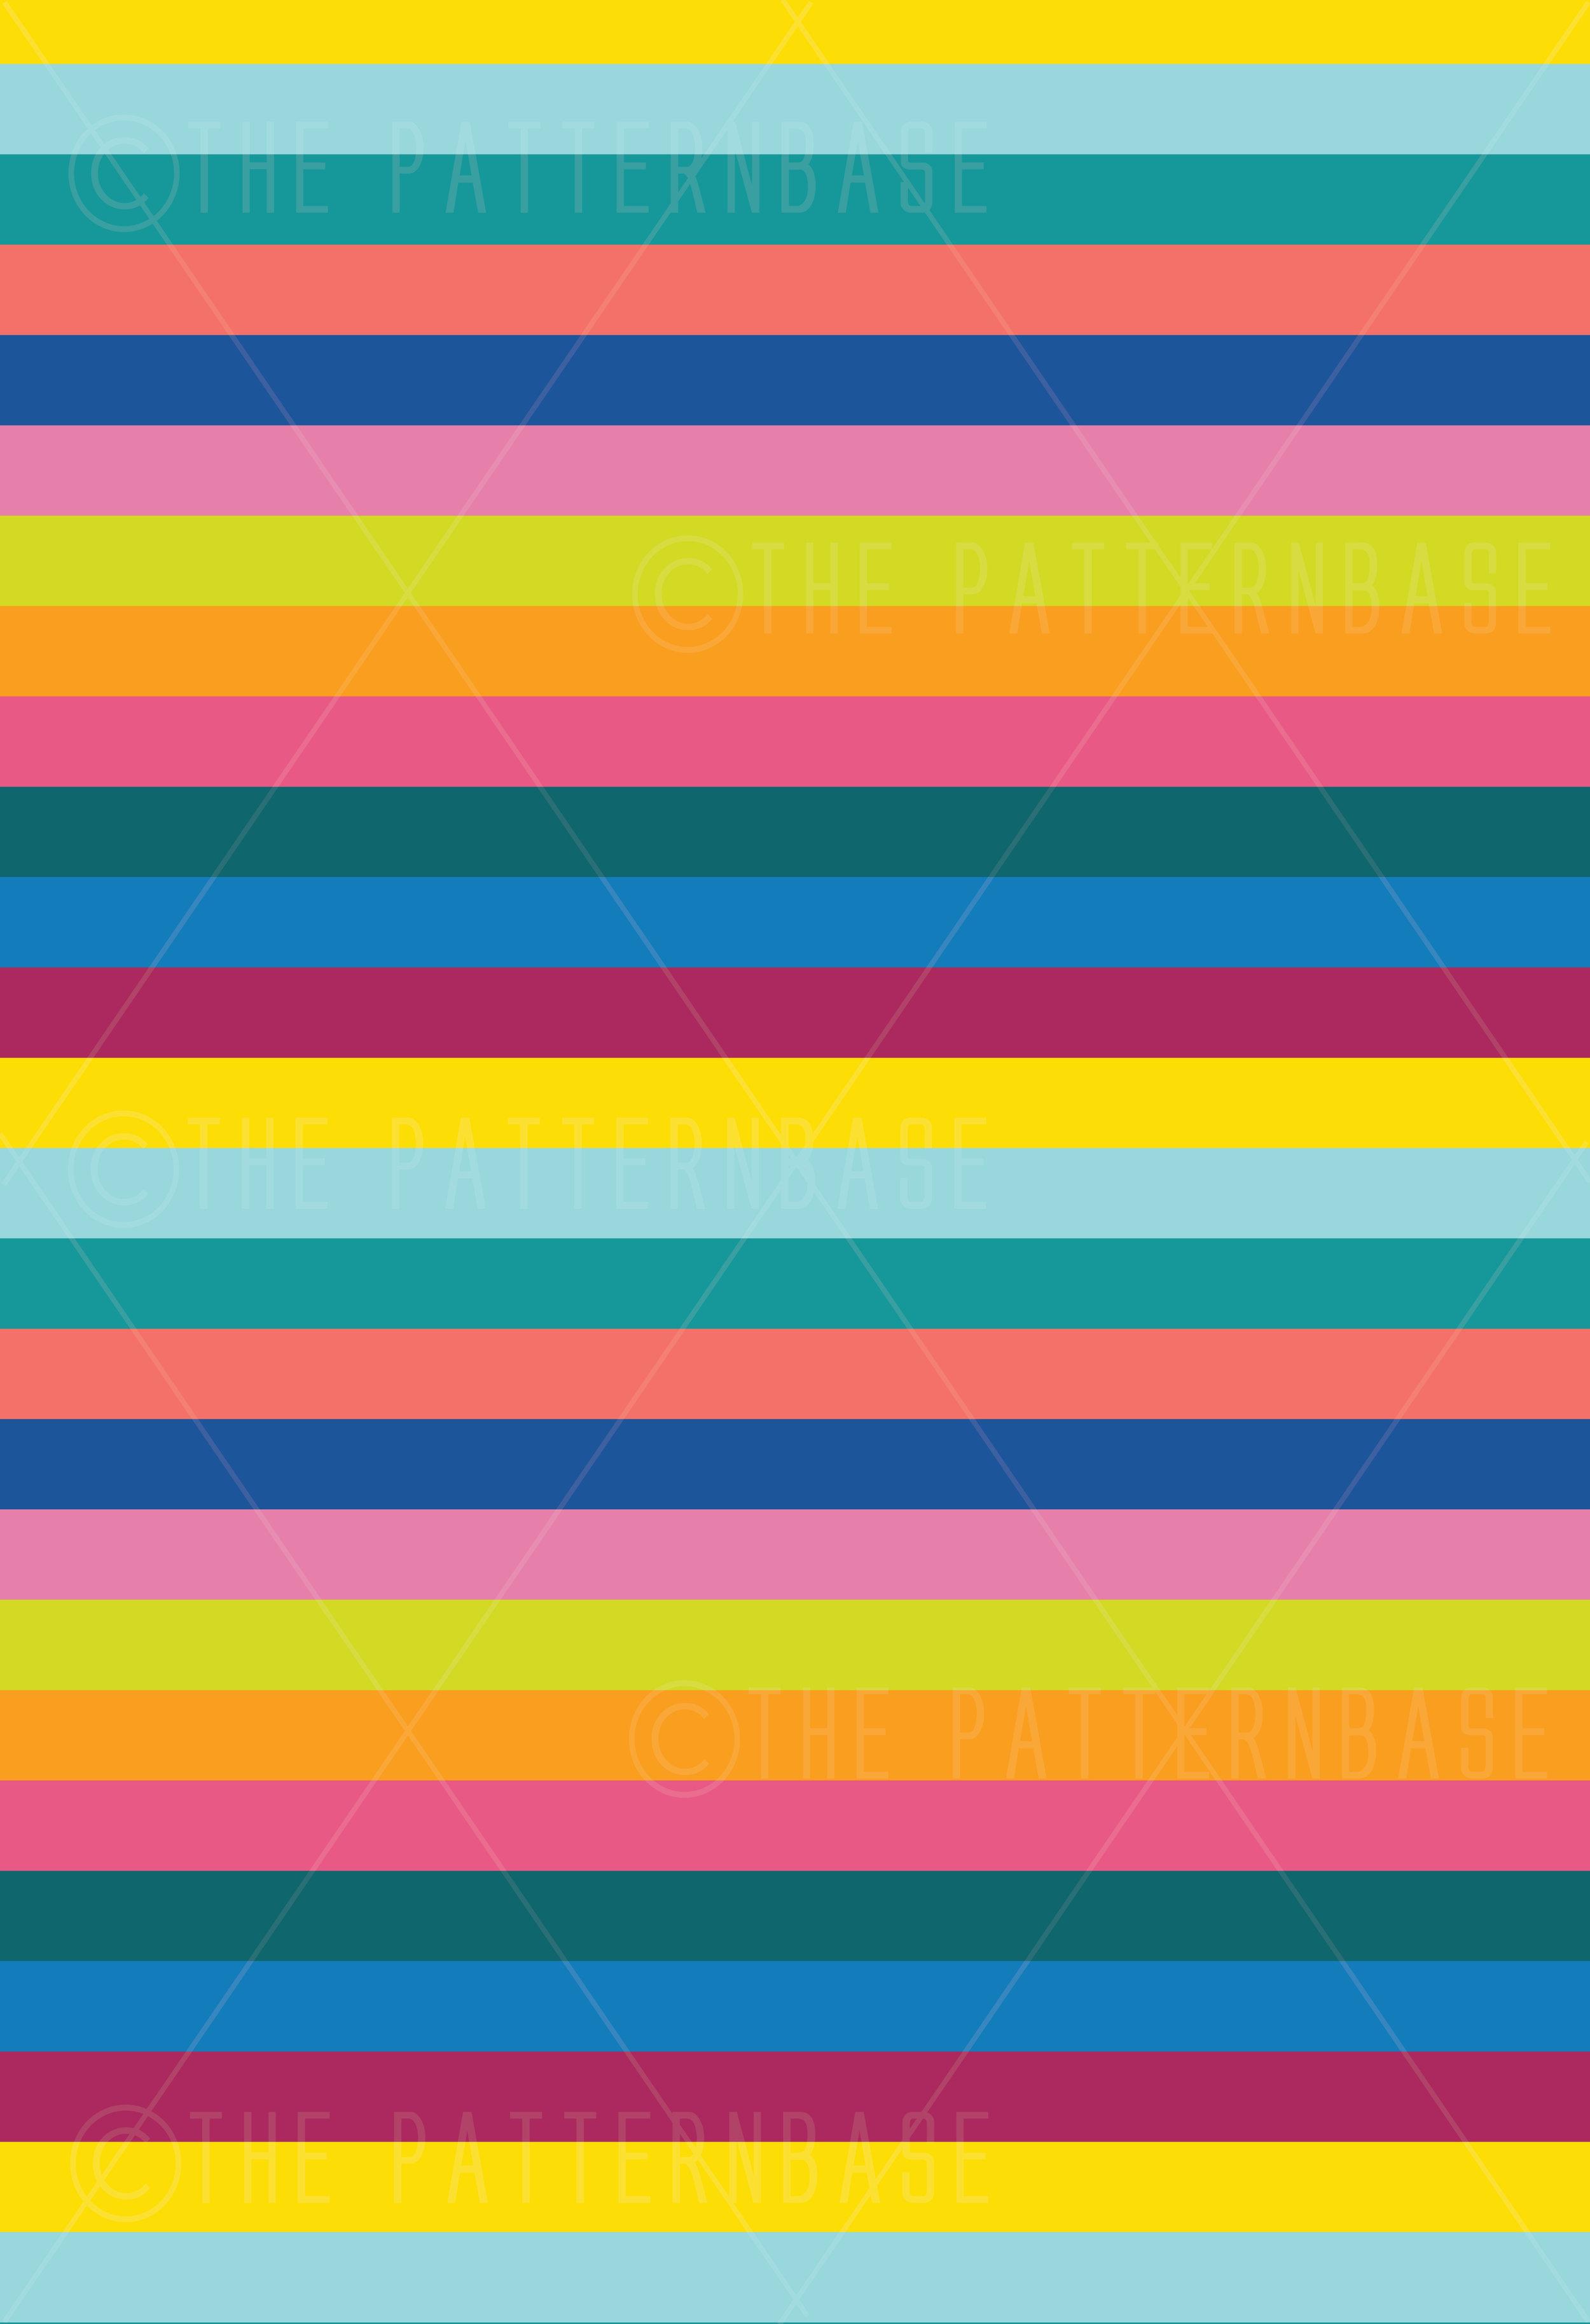 patternbase-sammy-stripe-wm-01.jpg